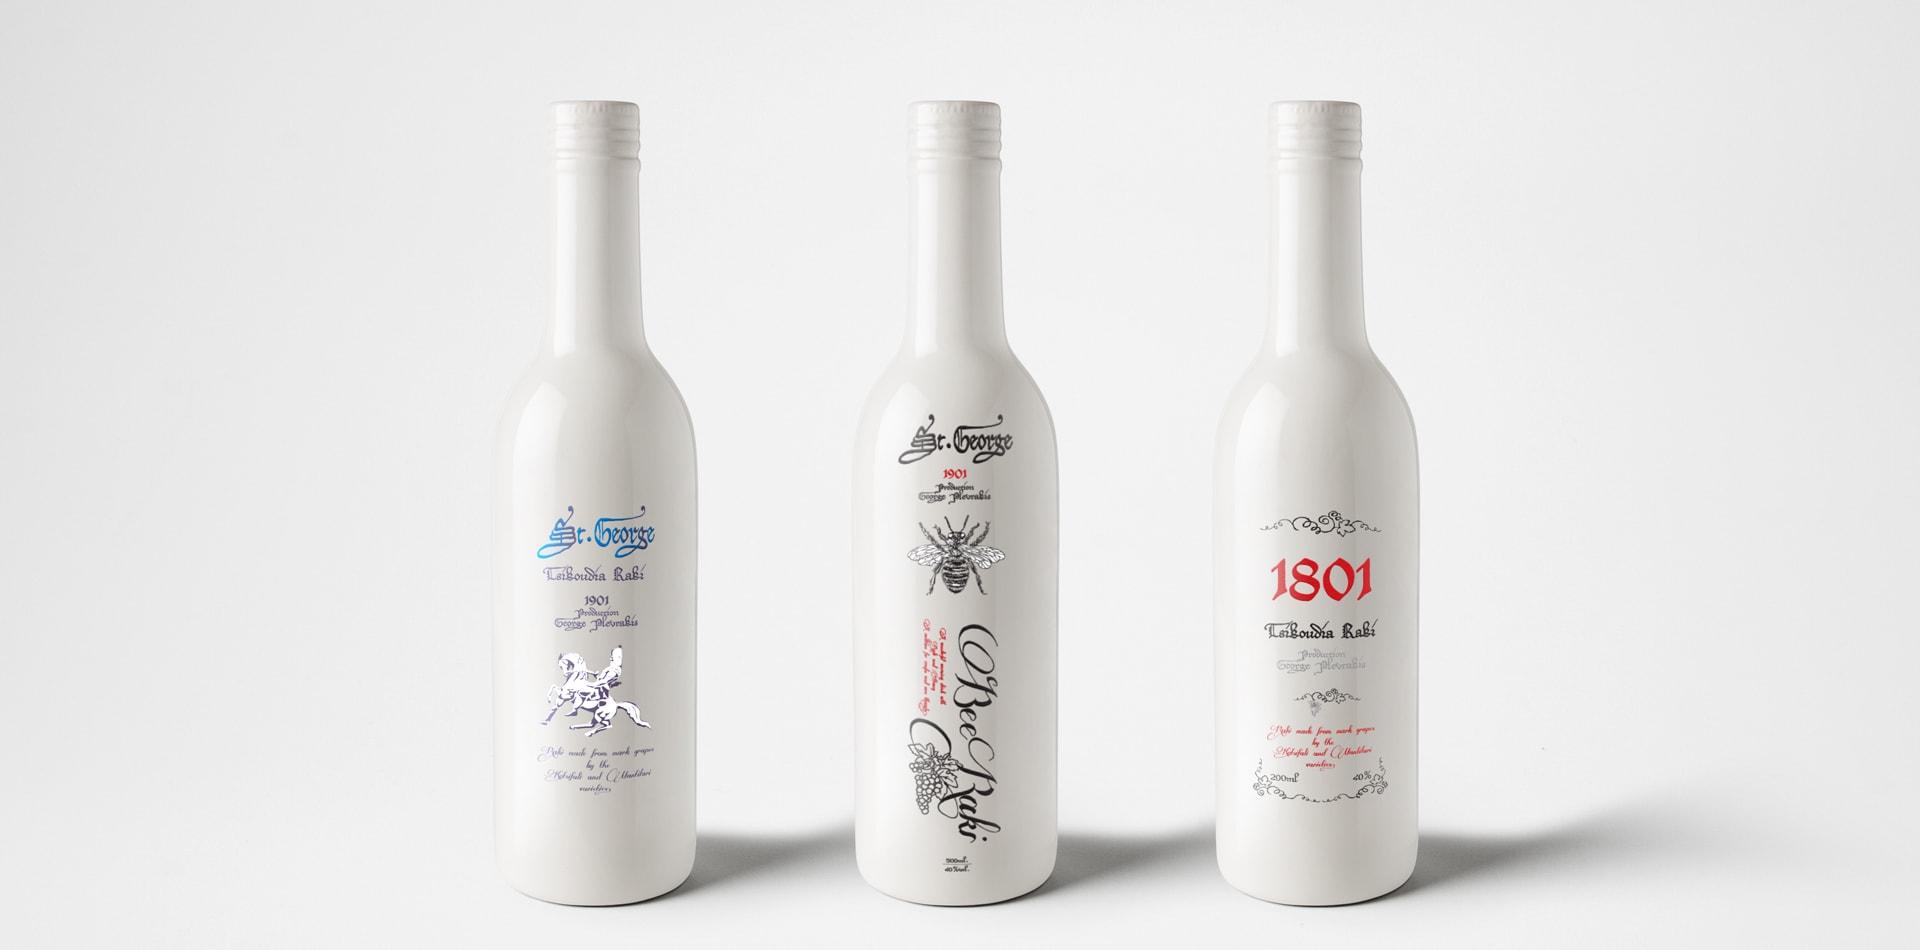 bottle label design packaging